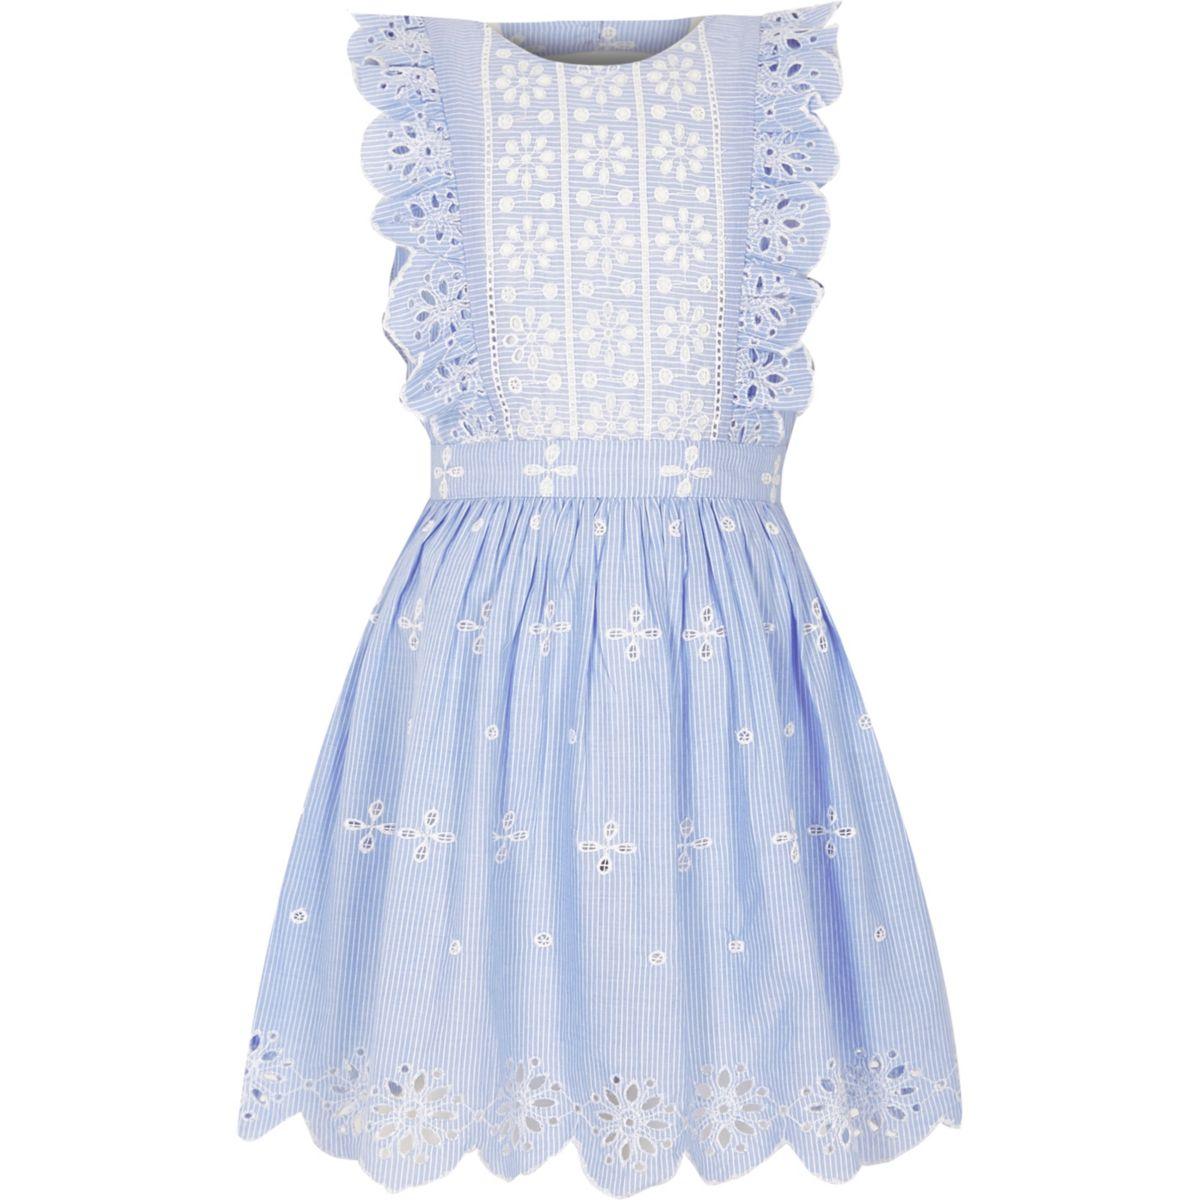 Hellblaues, gestreiftes Kleid mit Lochstickerei